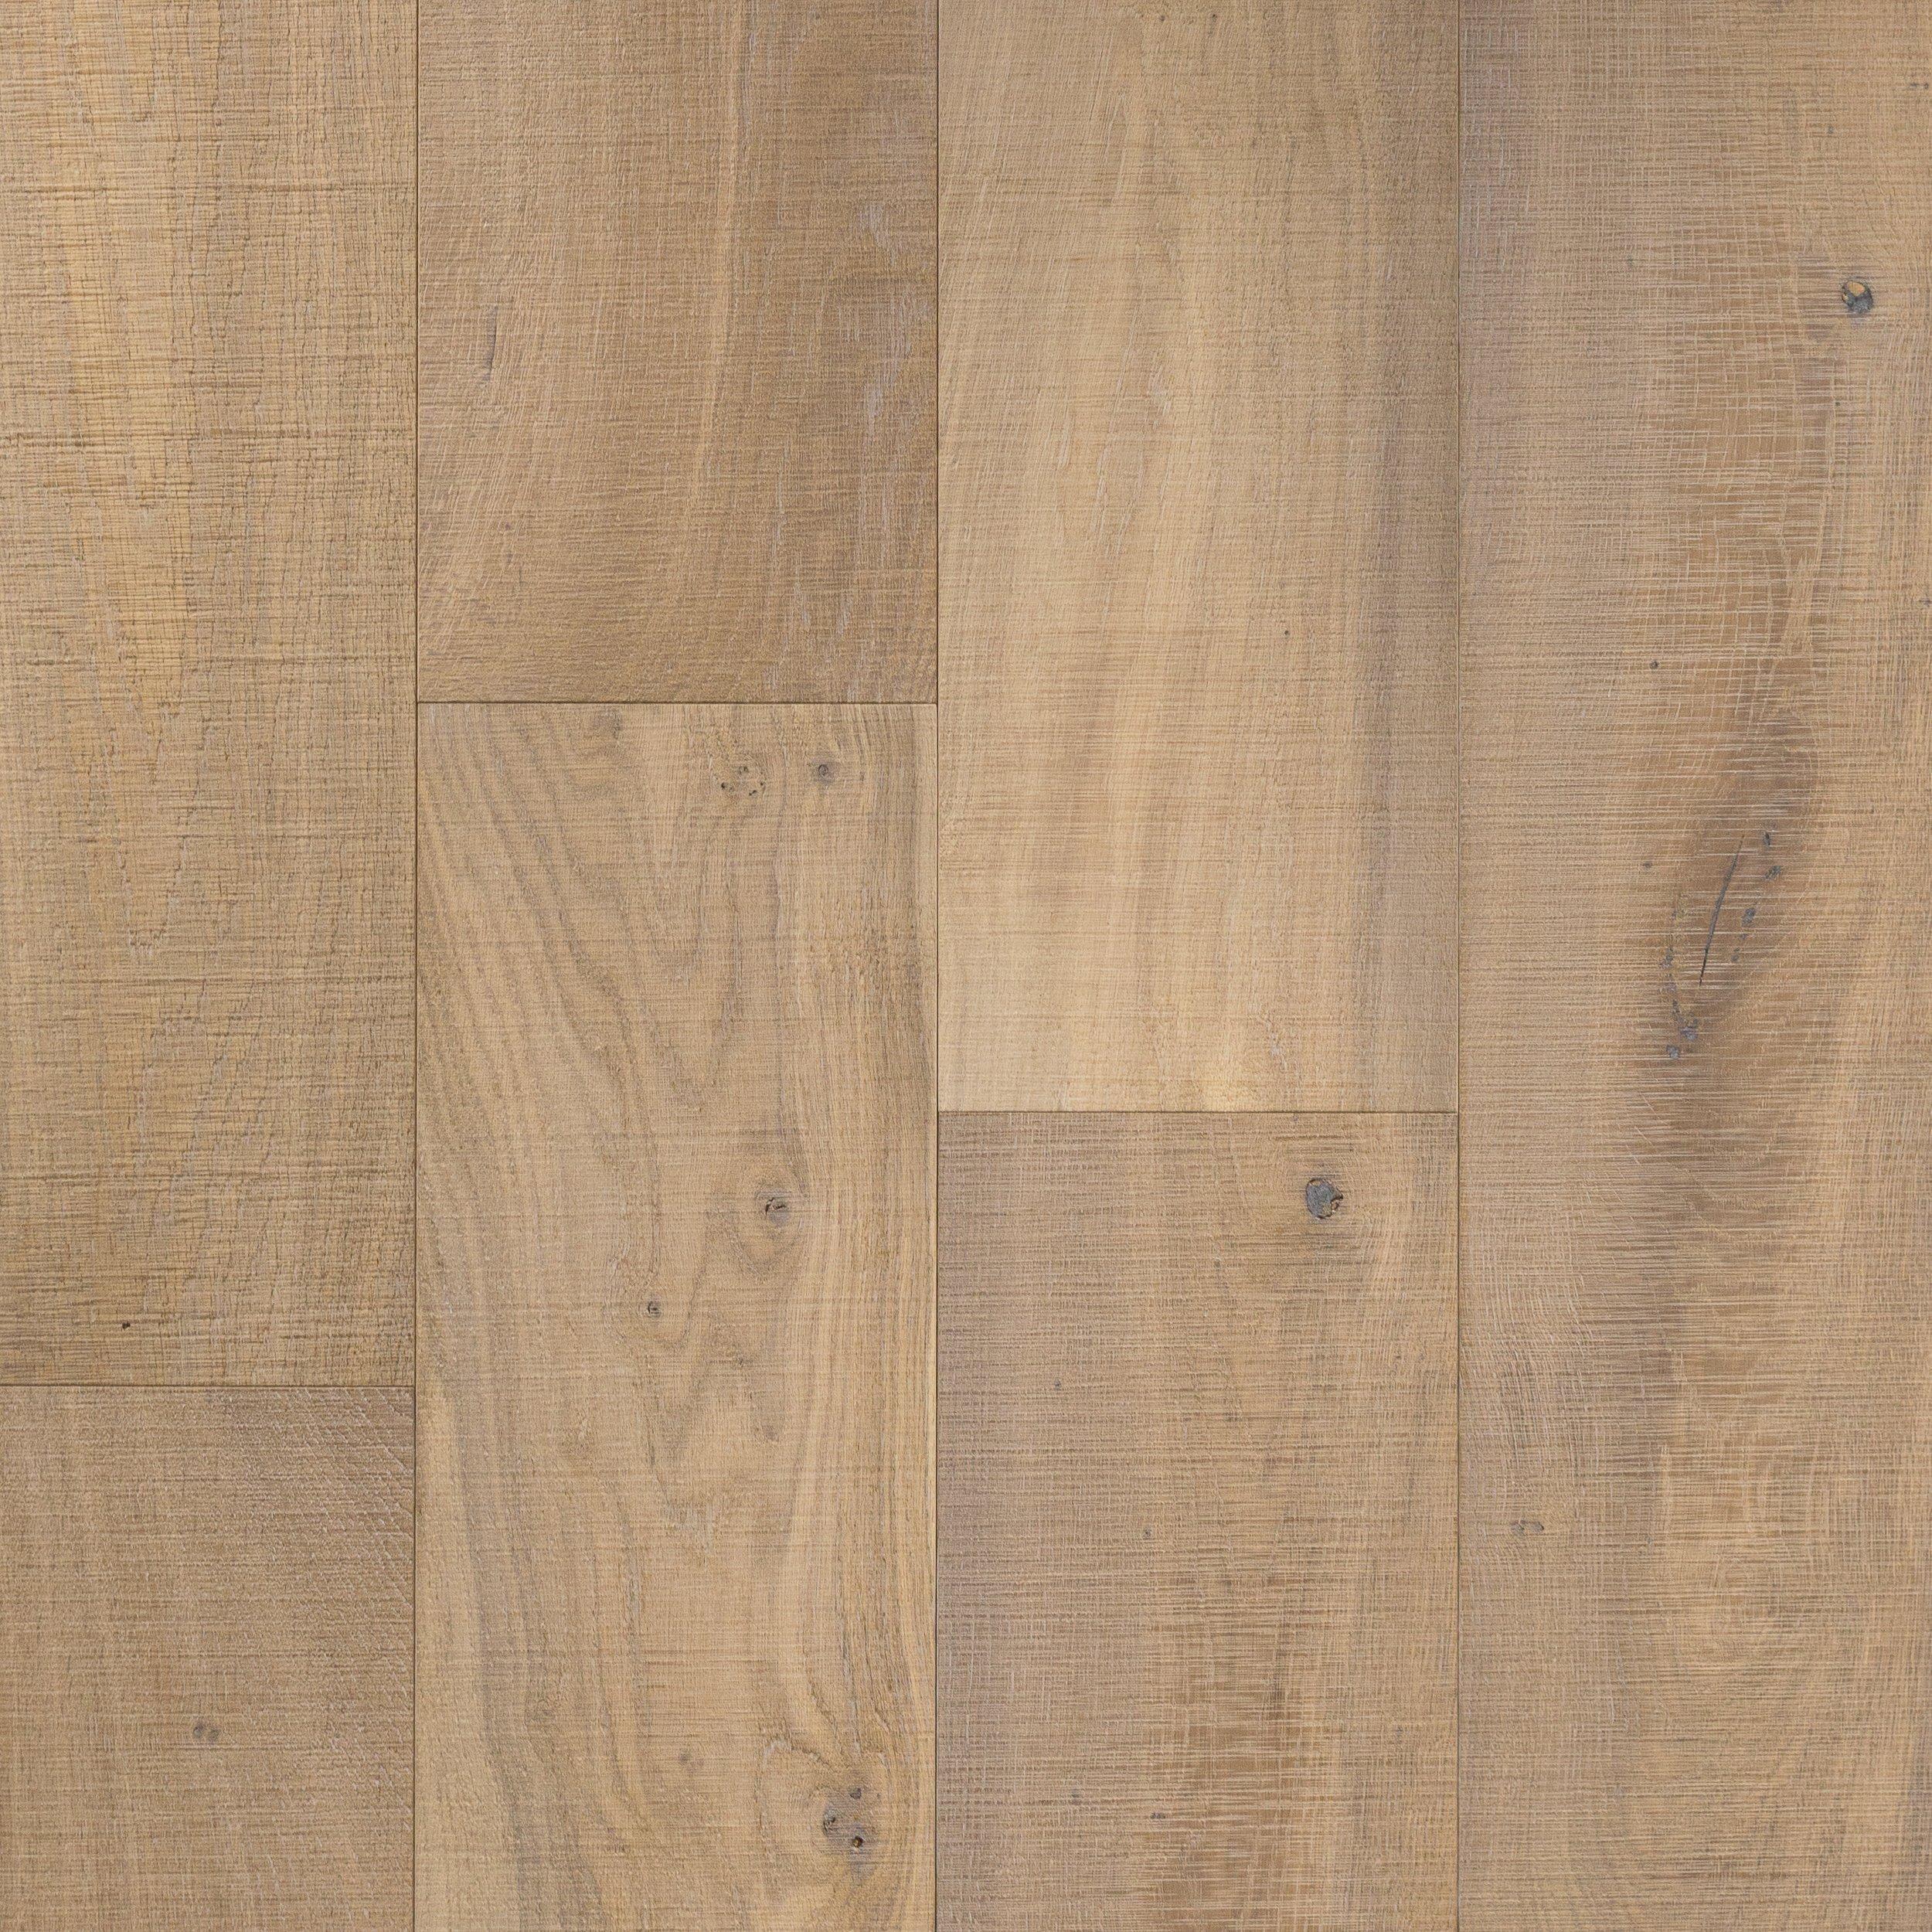 Montpellier Oak Distressed Engineered Hardwood Wood Floors Wide Plank Hardwood Floor Colors Engineered Hardwood